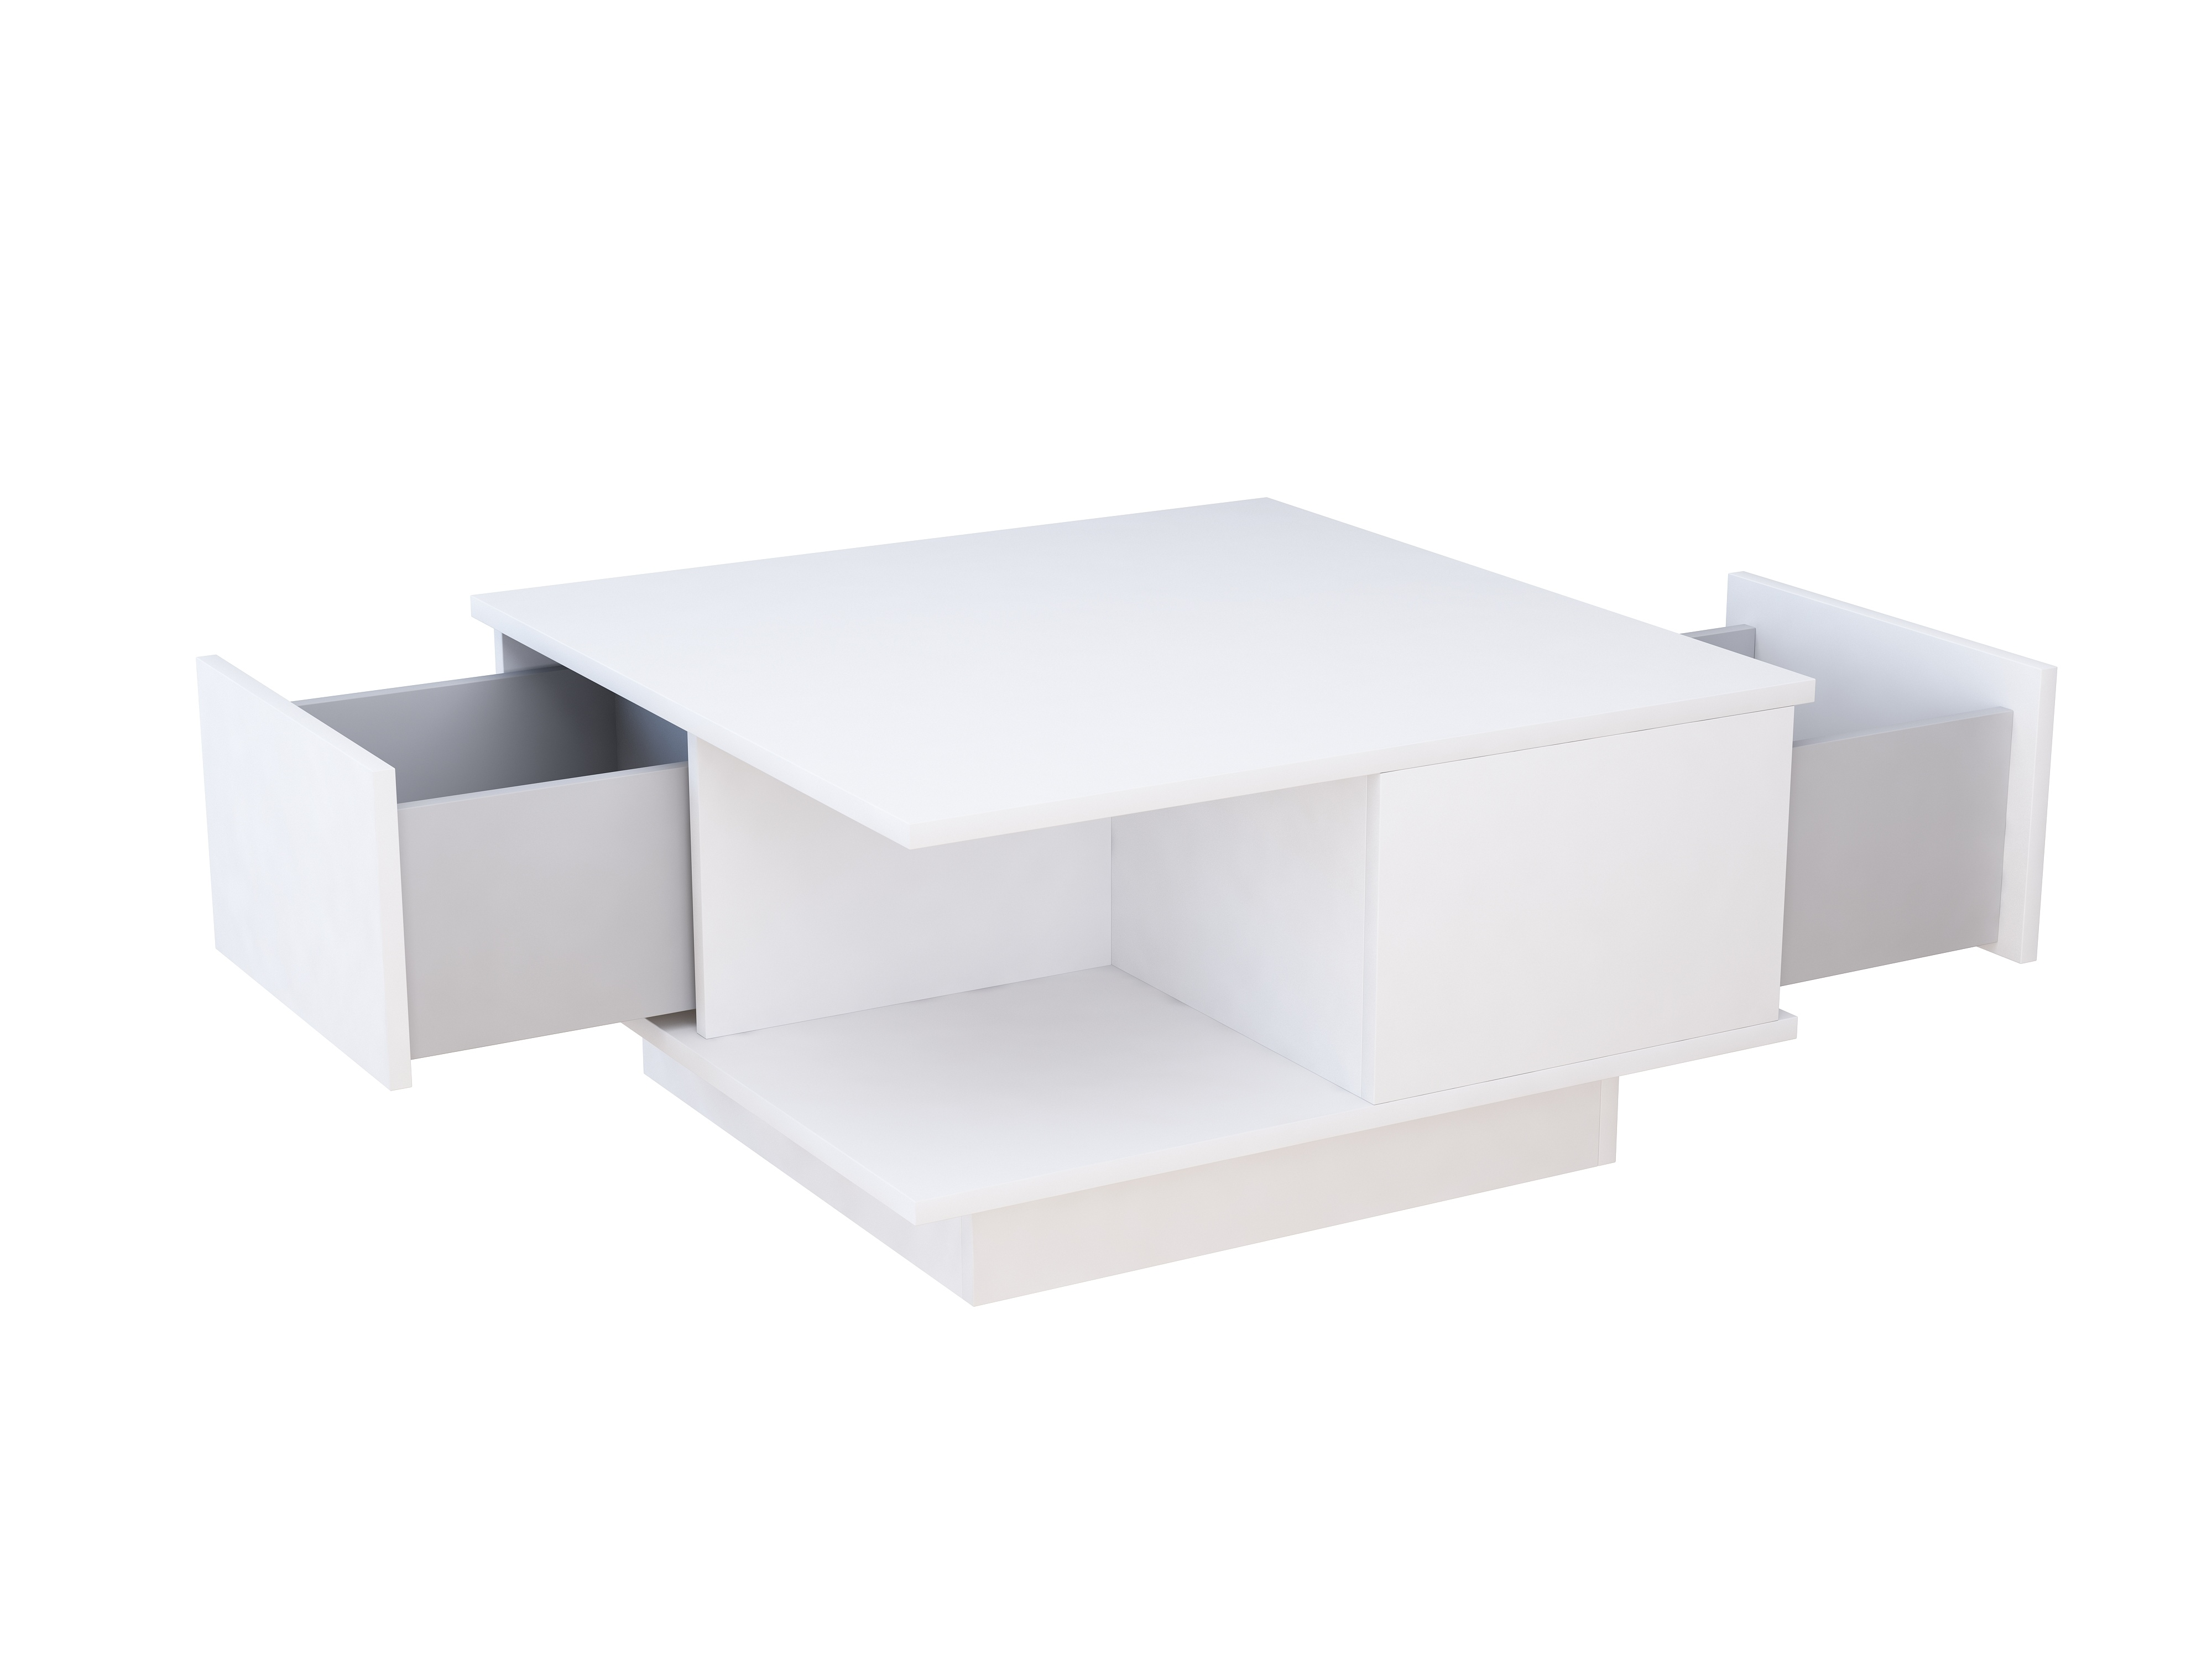 mebel do salonu, stolik, ława, szuflady, stolik kawowy, matowy stolik